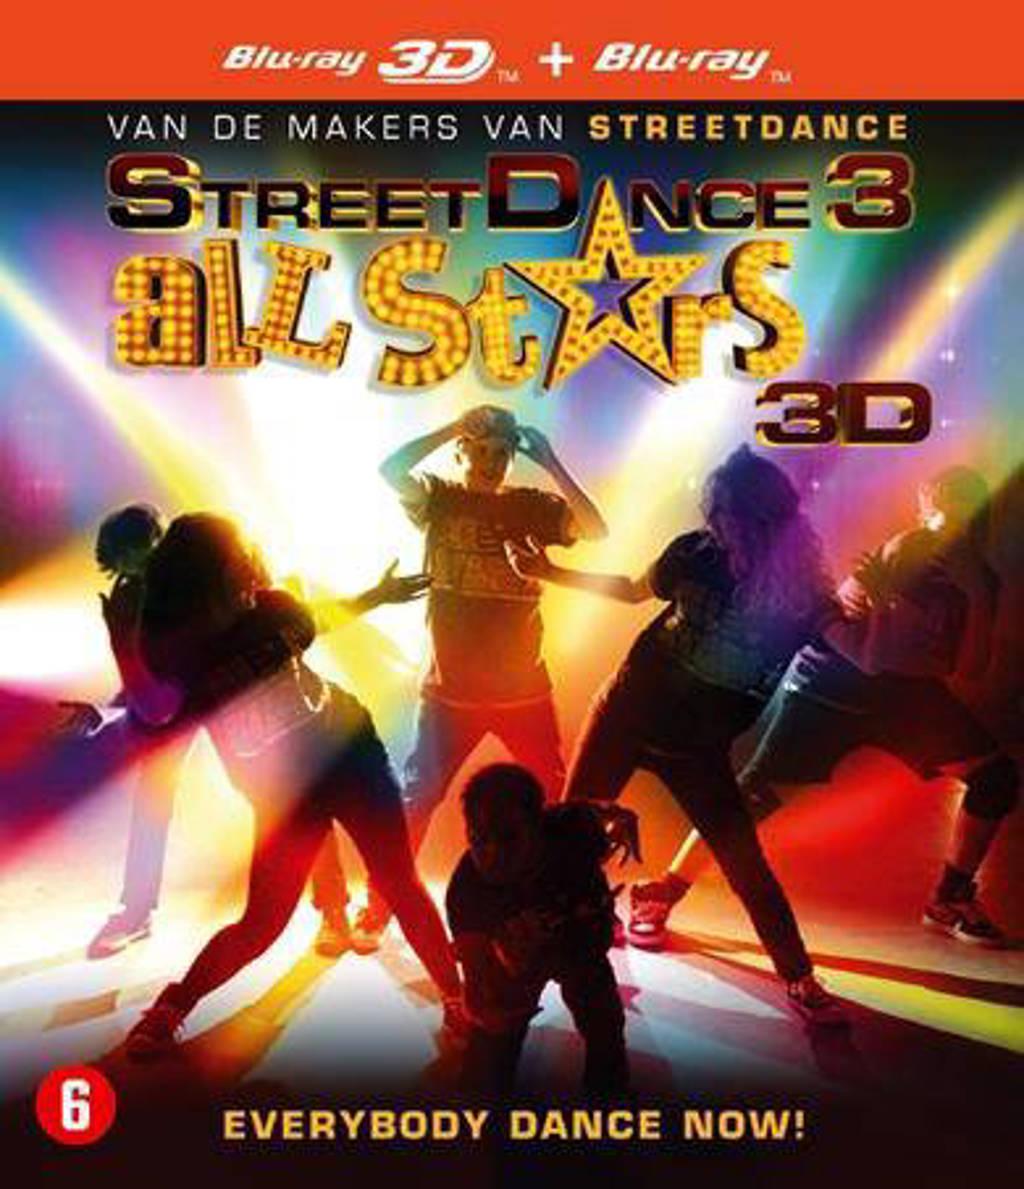 Streetdance 3 - All stars (3D) (Blu-ray)